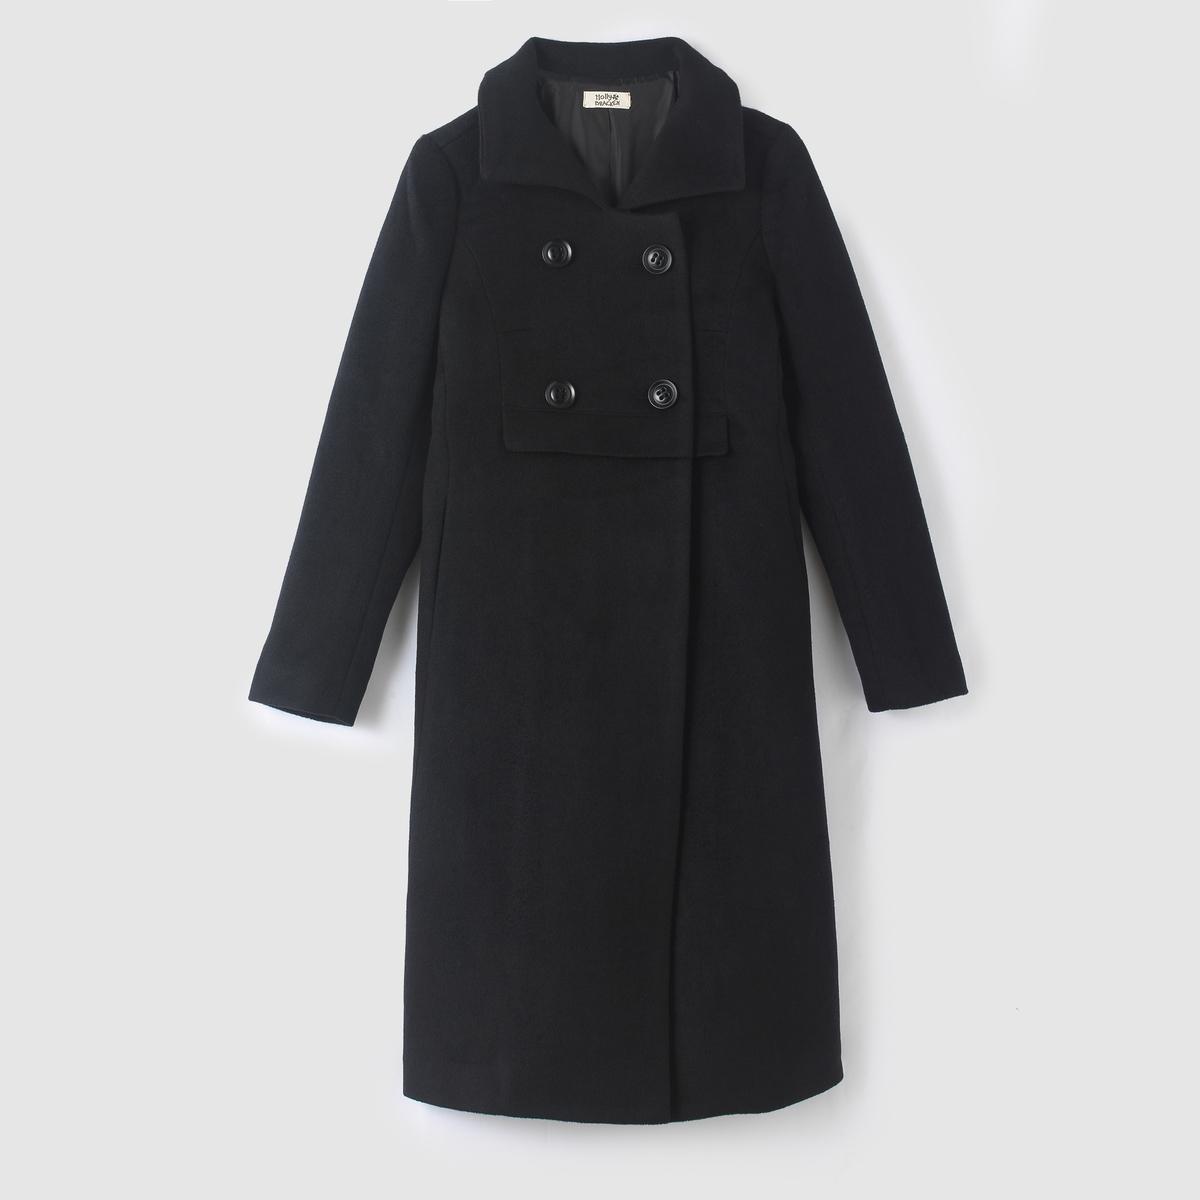 Пальто-плащ длинное, 4 пуговицы пальто длинное 60% шерсти